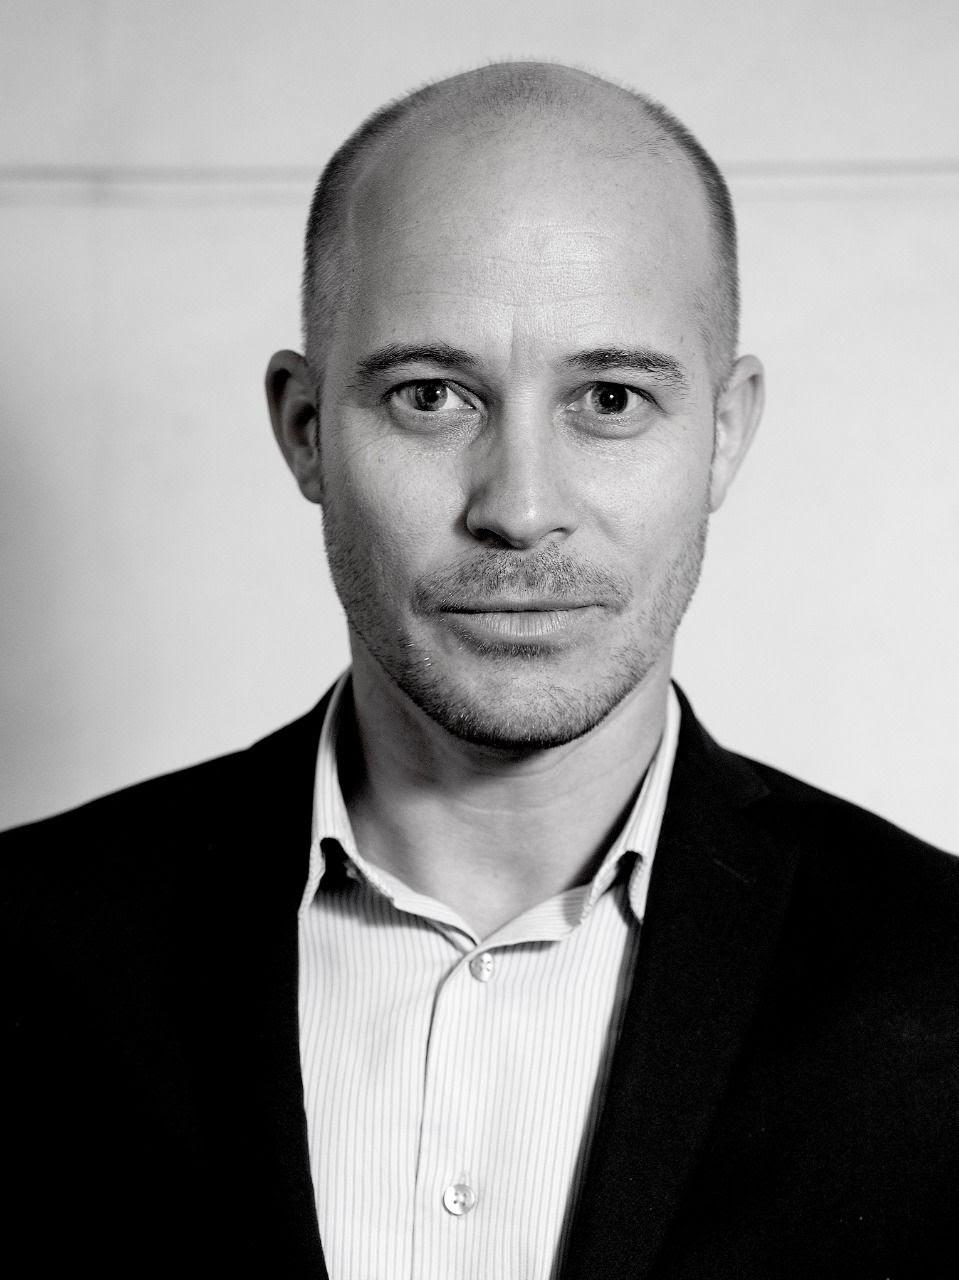 Jorge Castellar é diretor global de vendas da Bricksave e consultor financeiro do IEAF Instituto Espanhol de Executivos Financeiros.